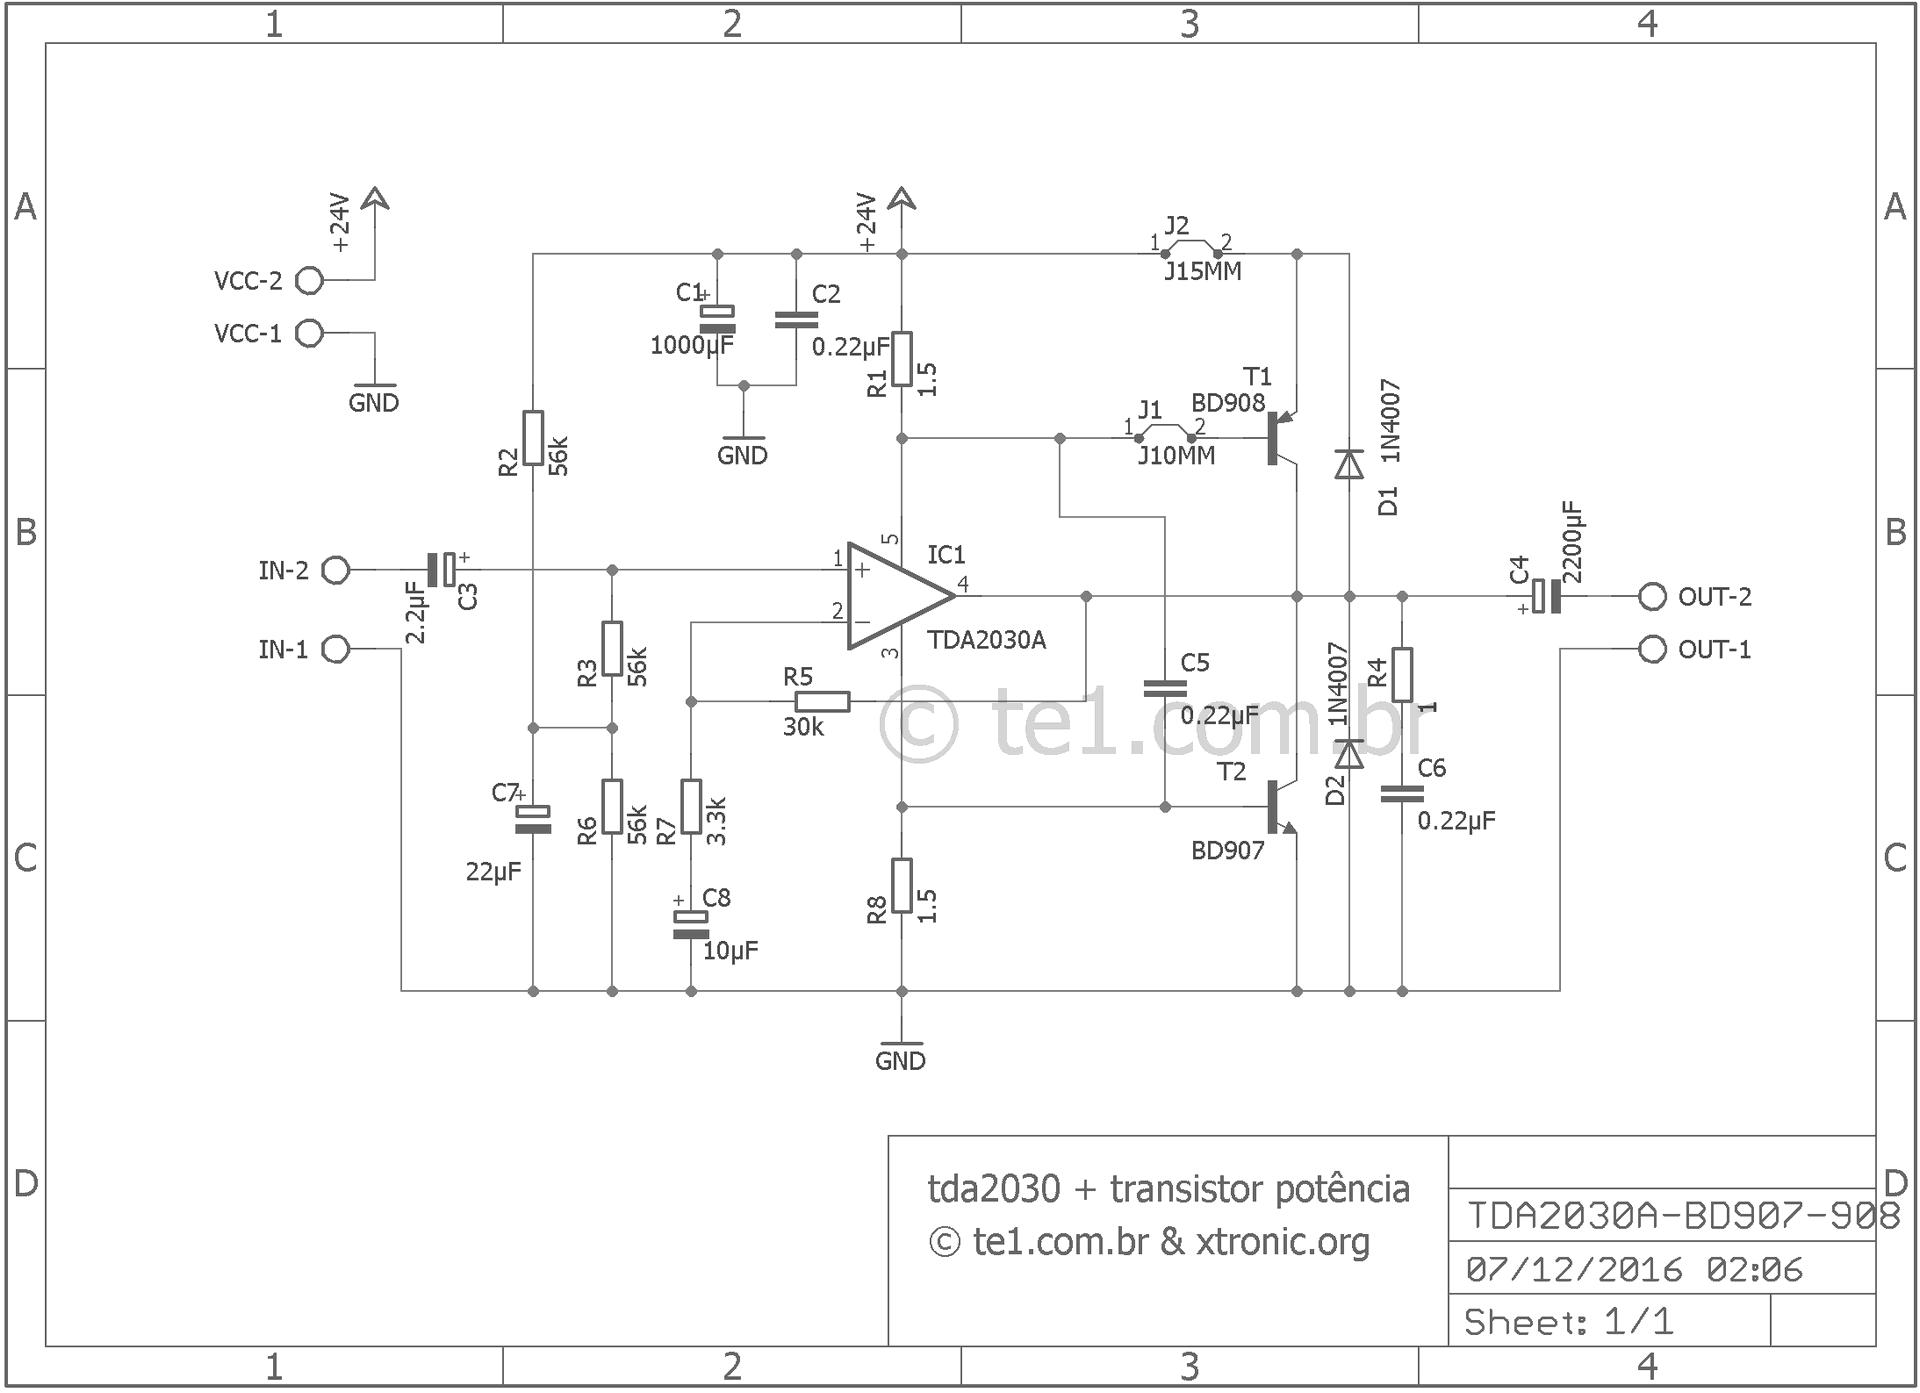 medium resolution of tda2030 40 watt amplifier transistor power esquem 700x508 amplificador pot ncia tda2030 transistores tip41 e tip42